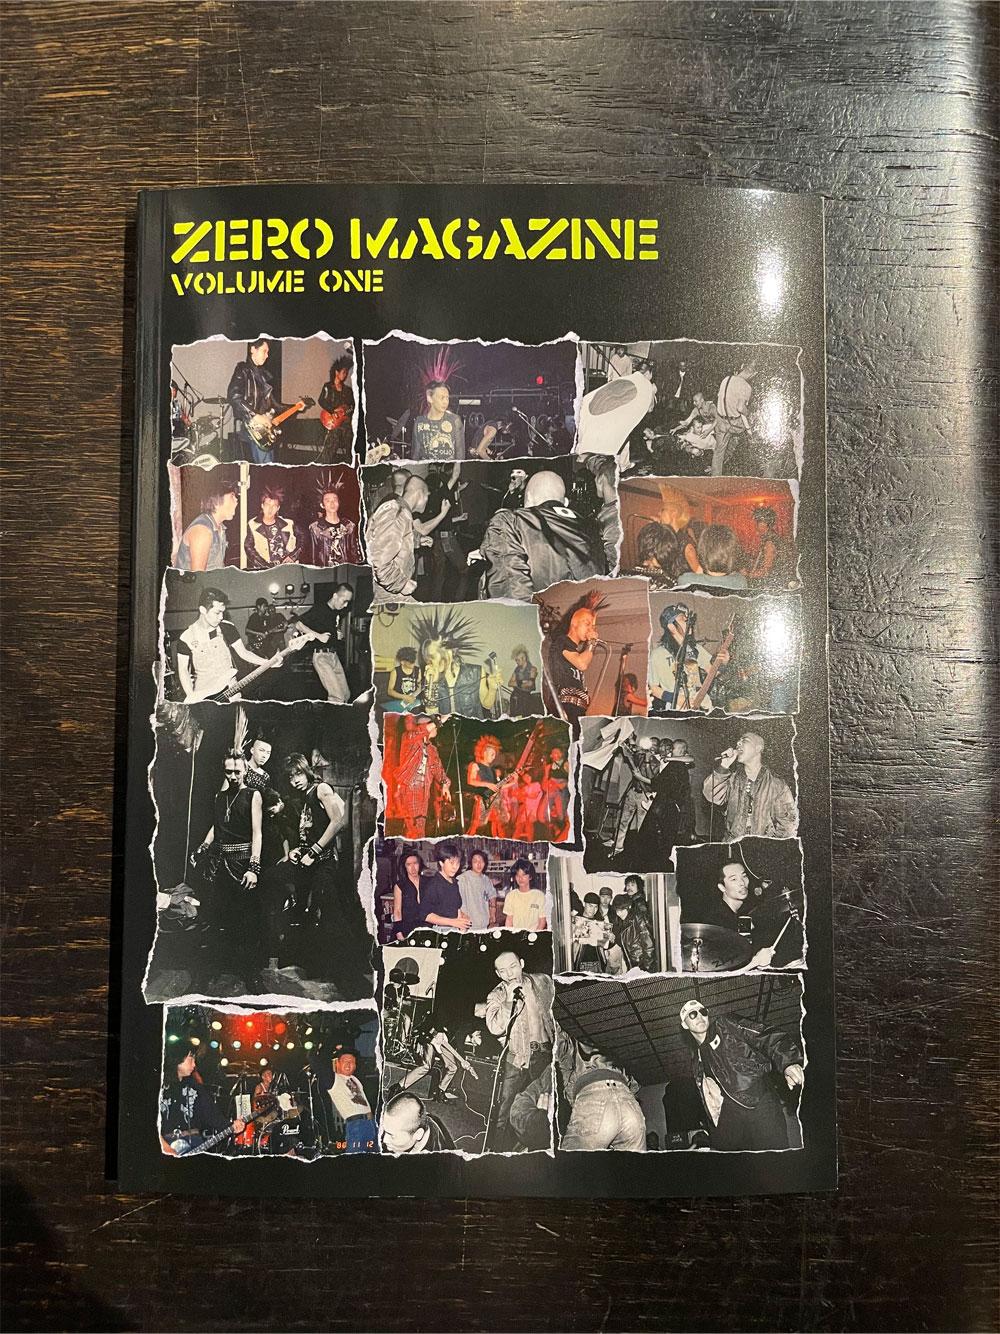 ZEROMAGAZINE VOLUME ONE